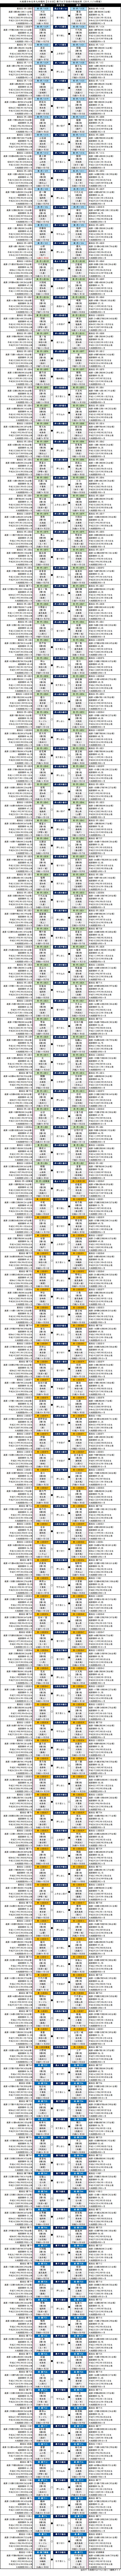 大相撲・2019年11月場所5日目・幕下以下の取組結果